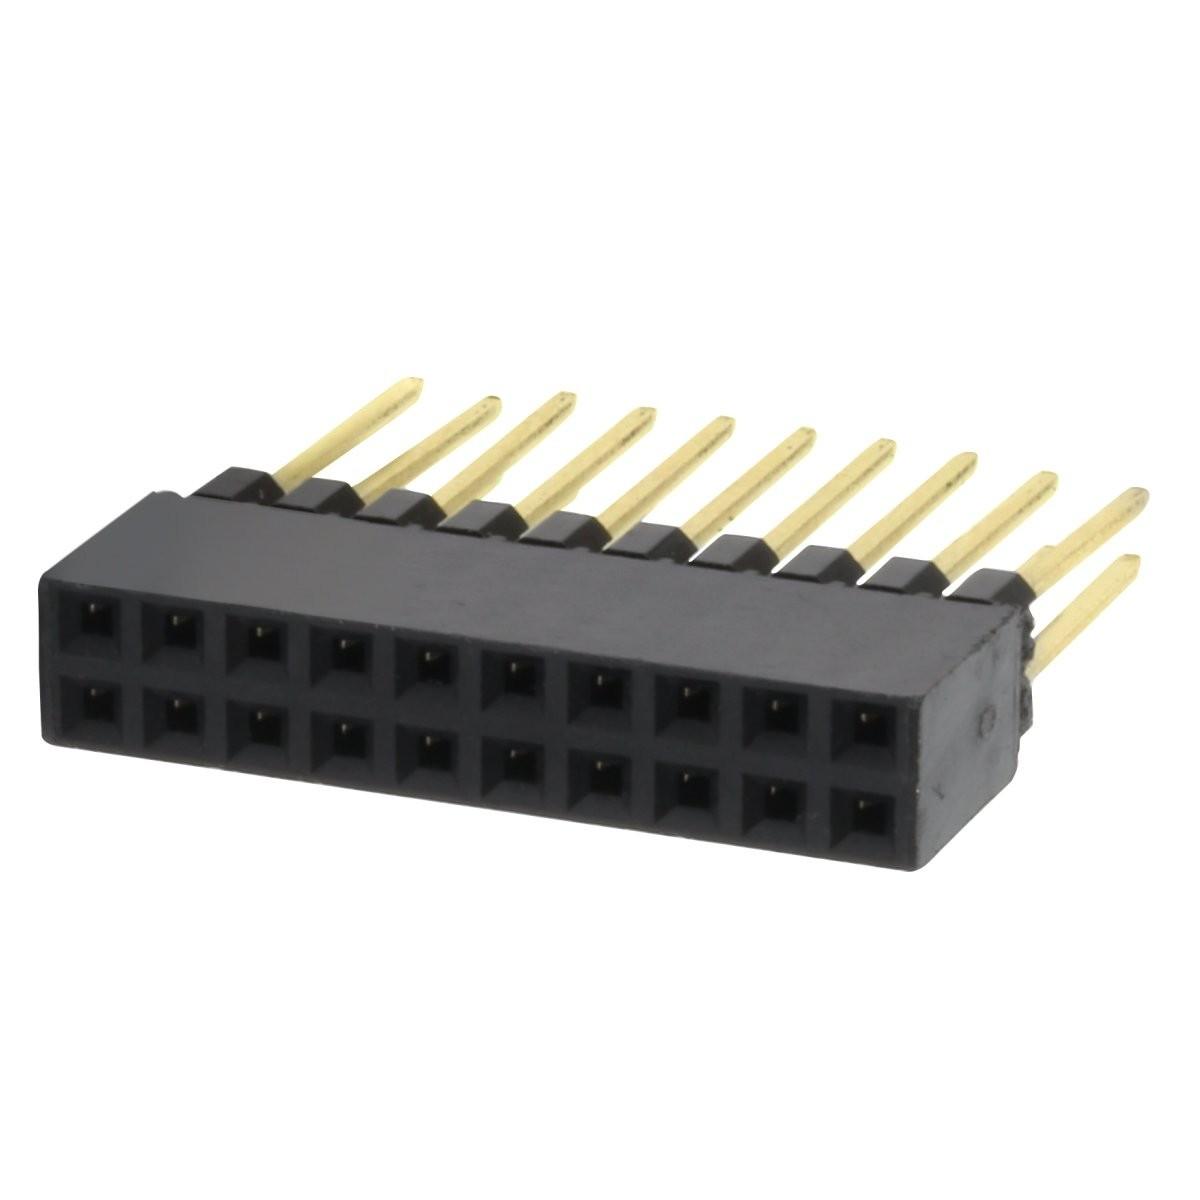 Connecteur Barrette 2.54mm Mâle / Femelle 2x10 Pôles 11mm (Unité)